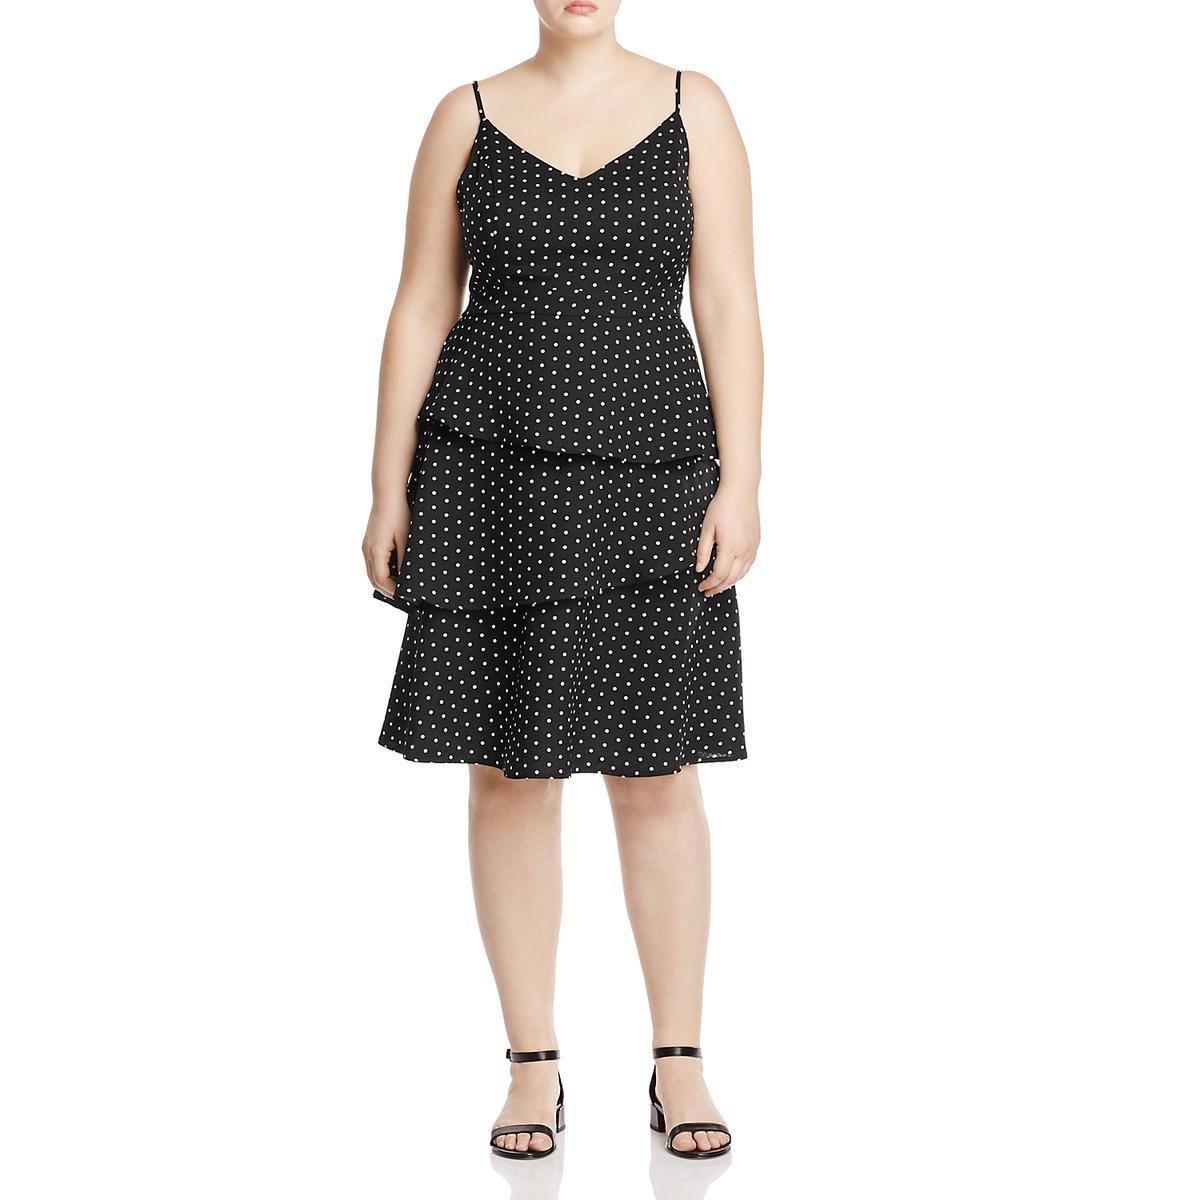 XS Size 14 Spotty Ruffle Plus Size Dress in Black